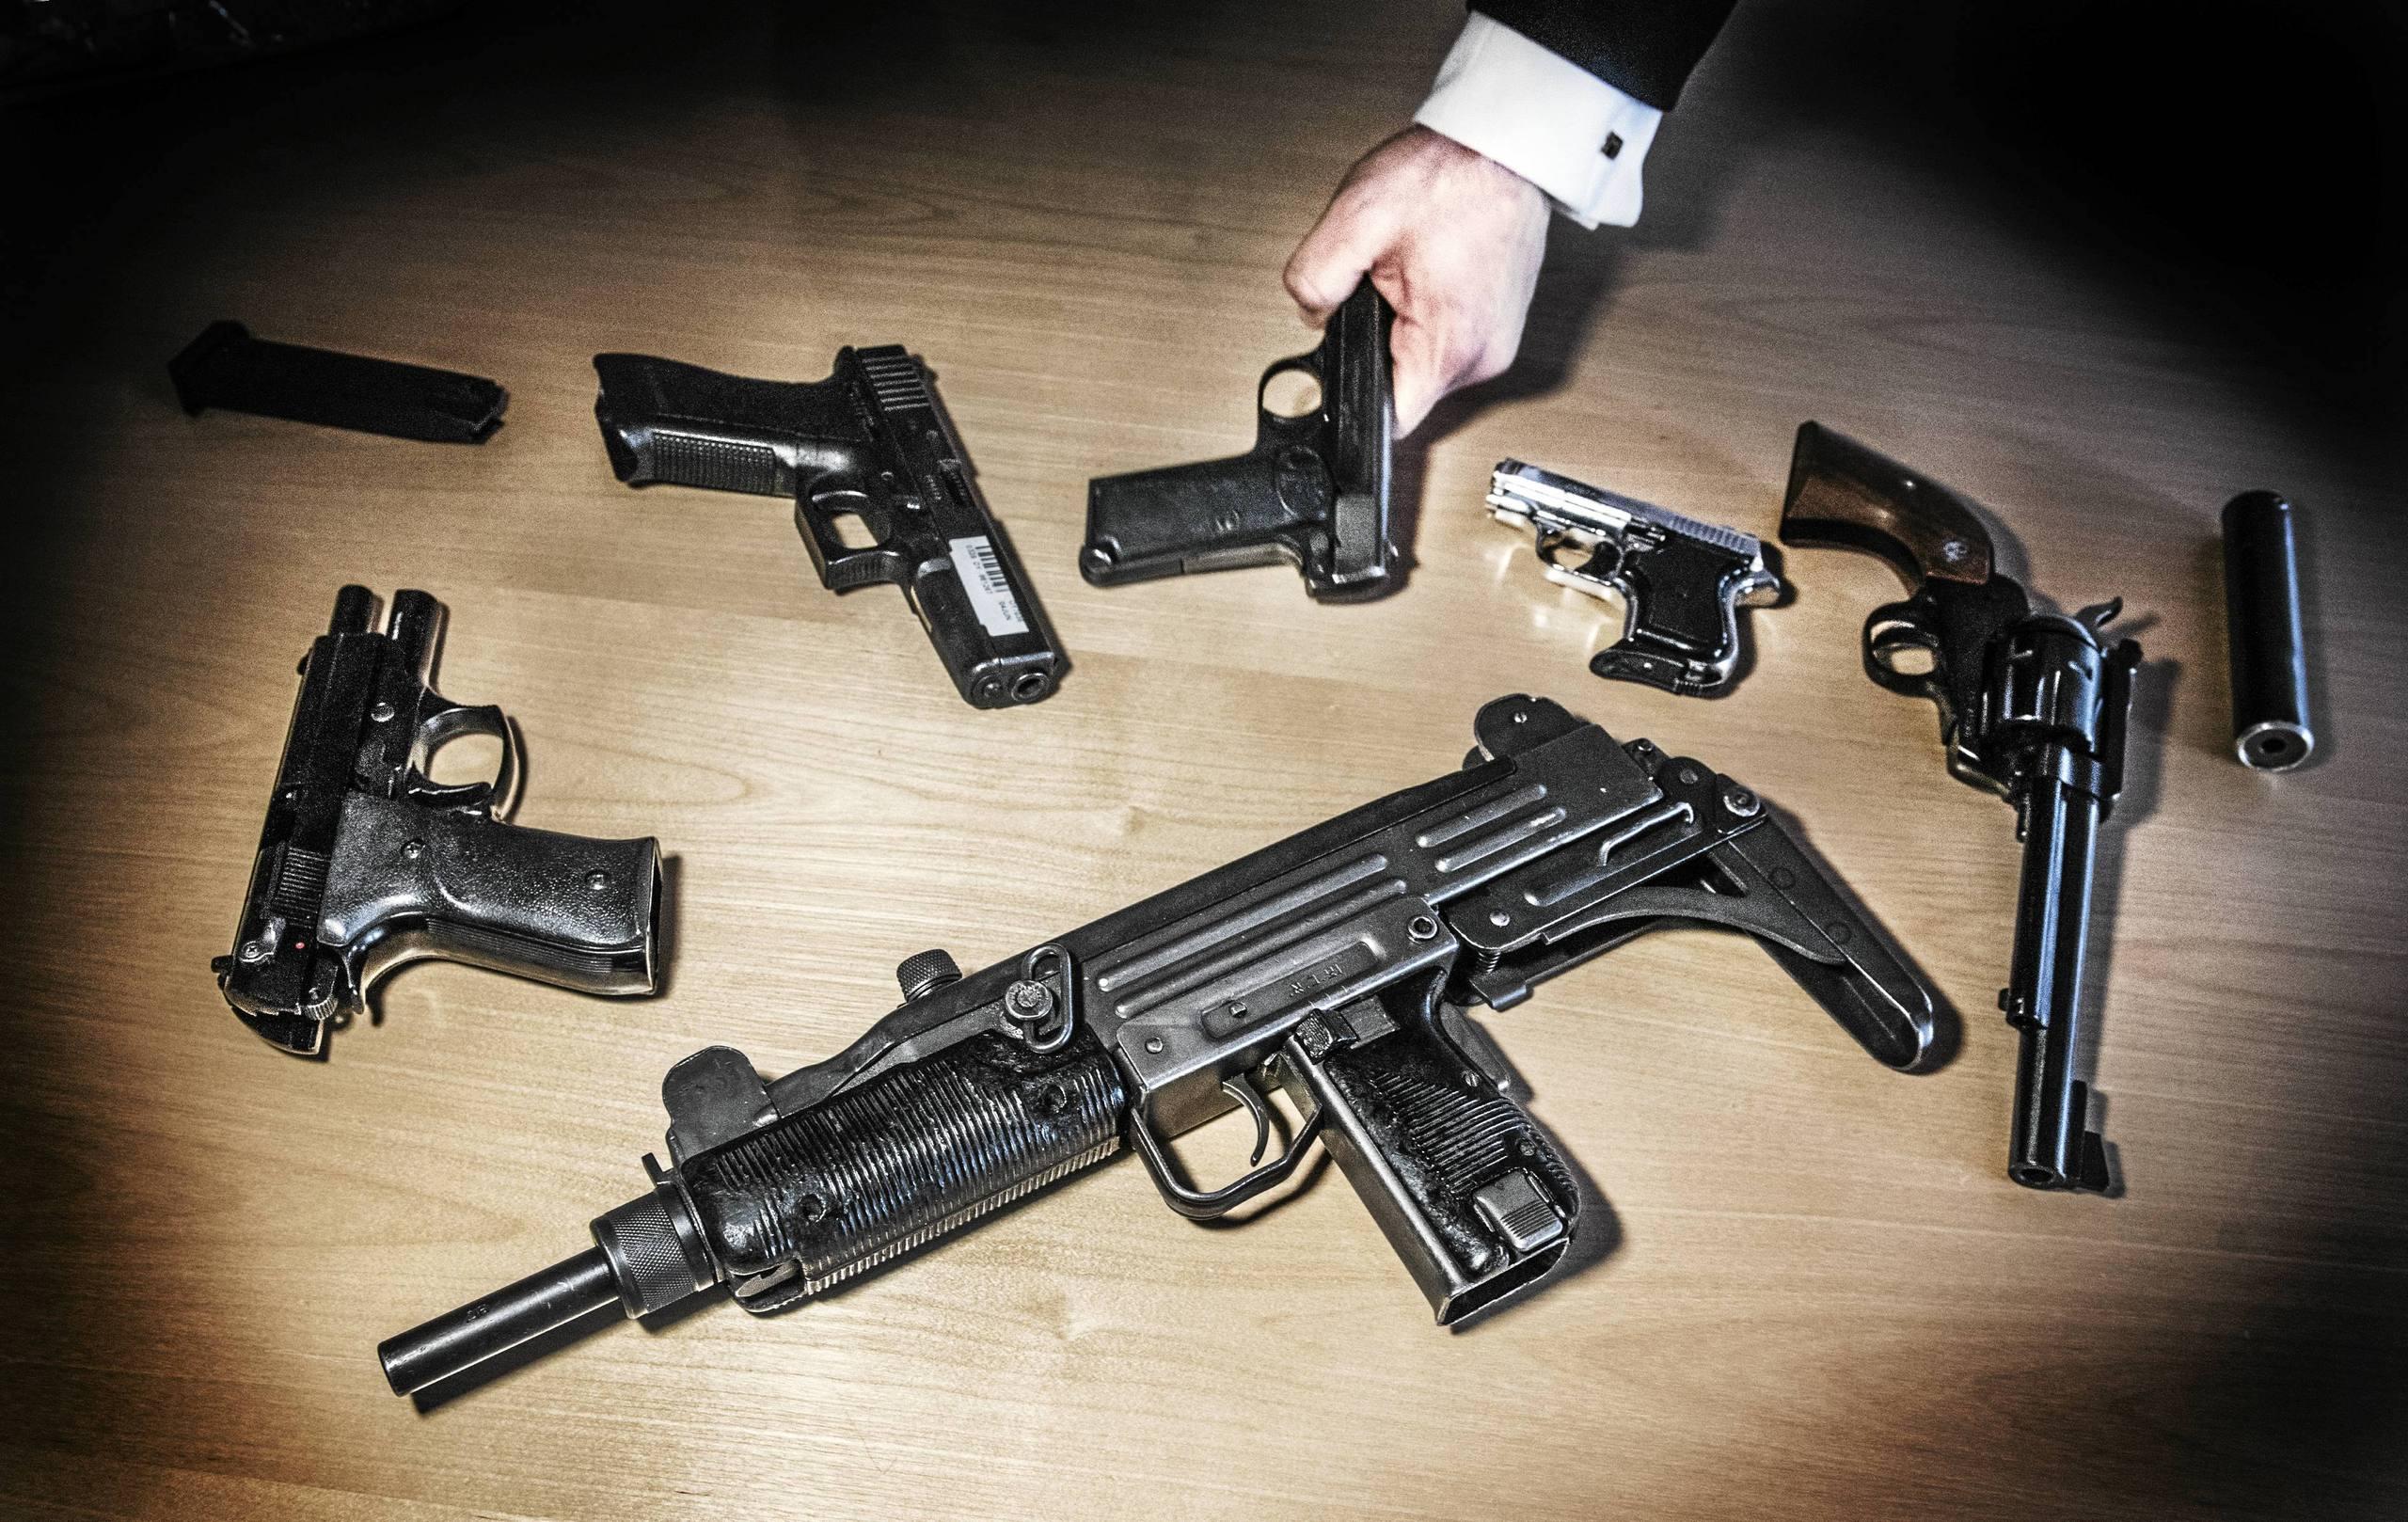 Straffen skarps for vapeninnehav